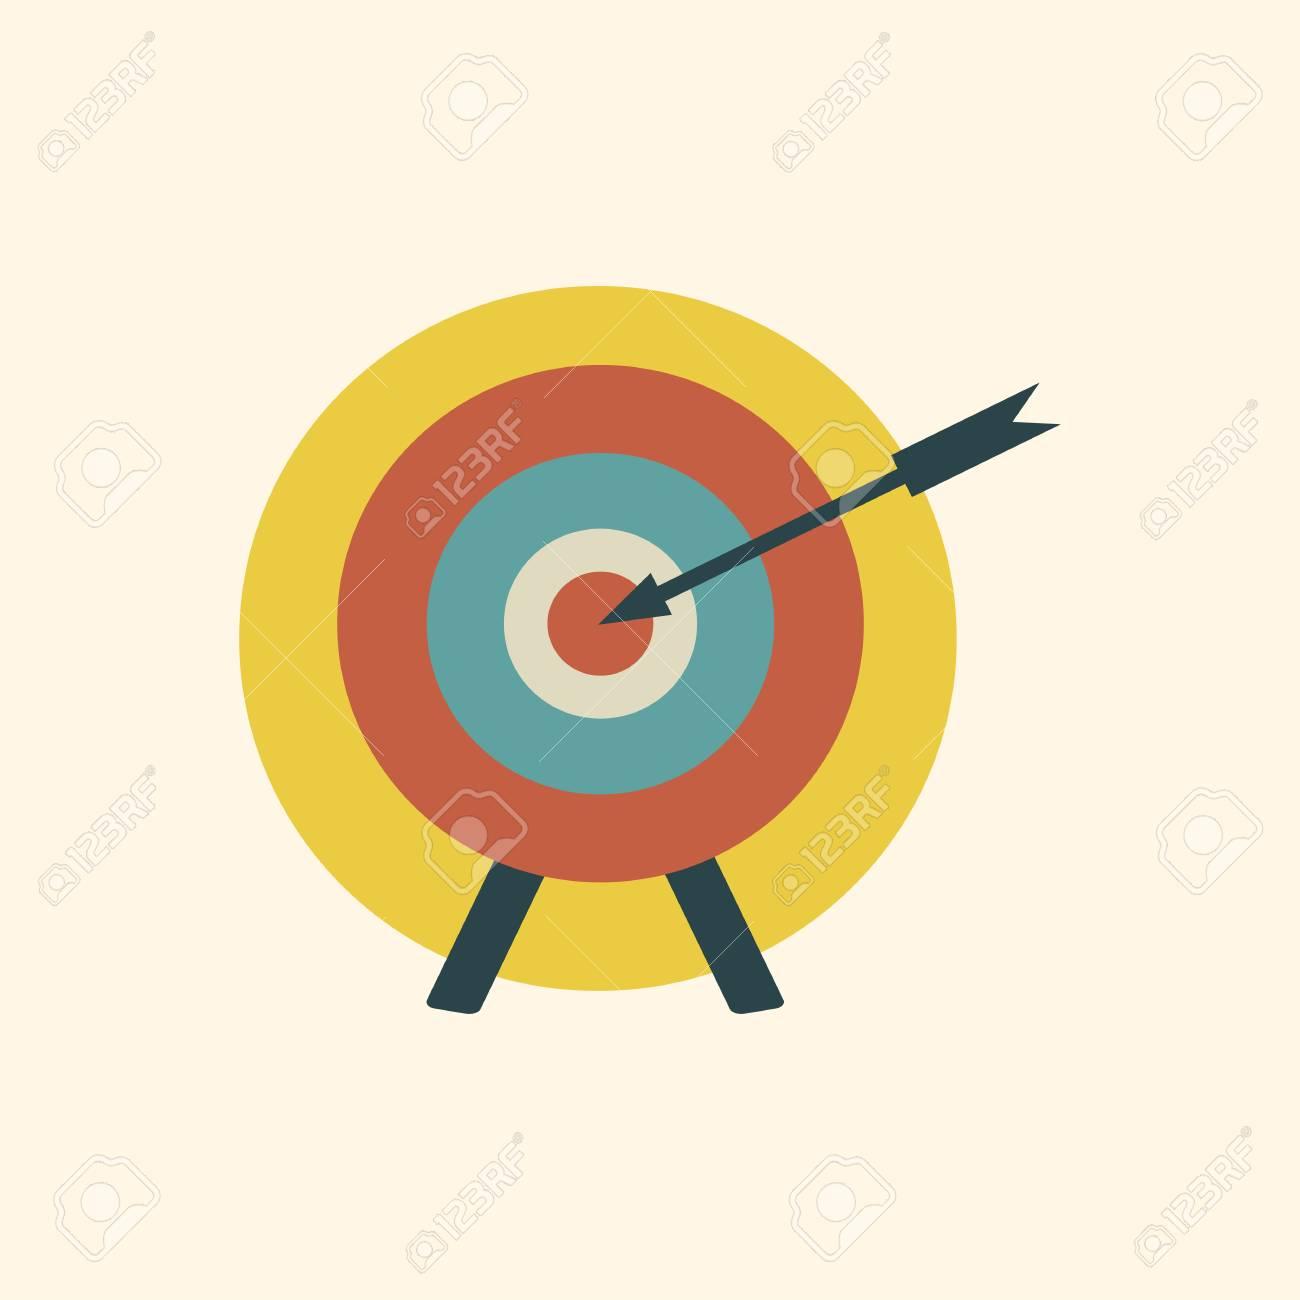 Arrow on target - 86964350